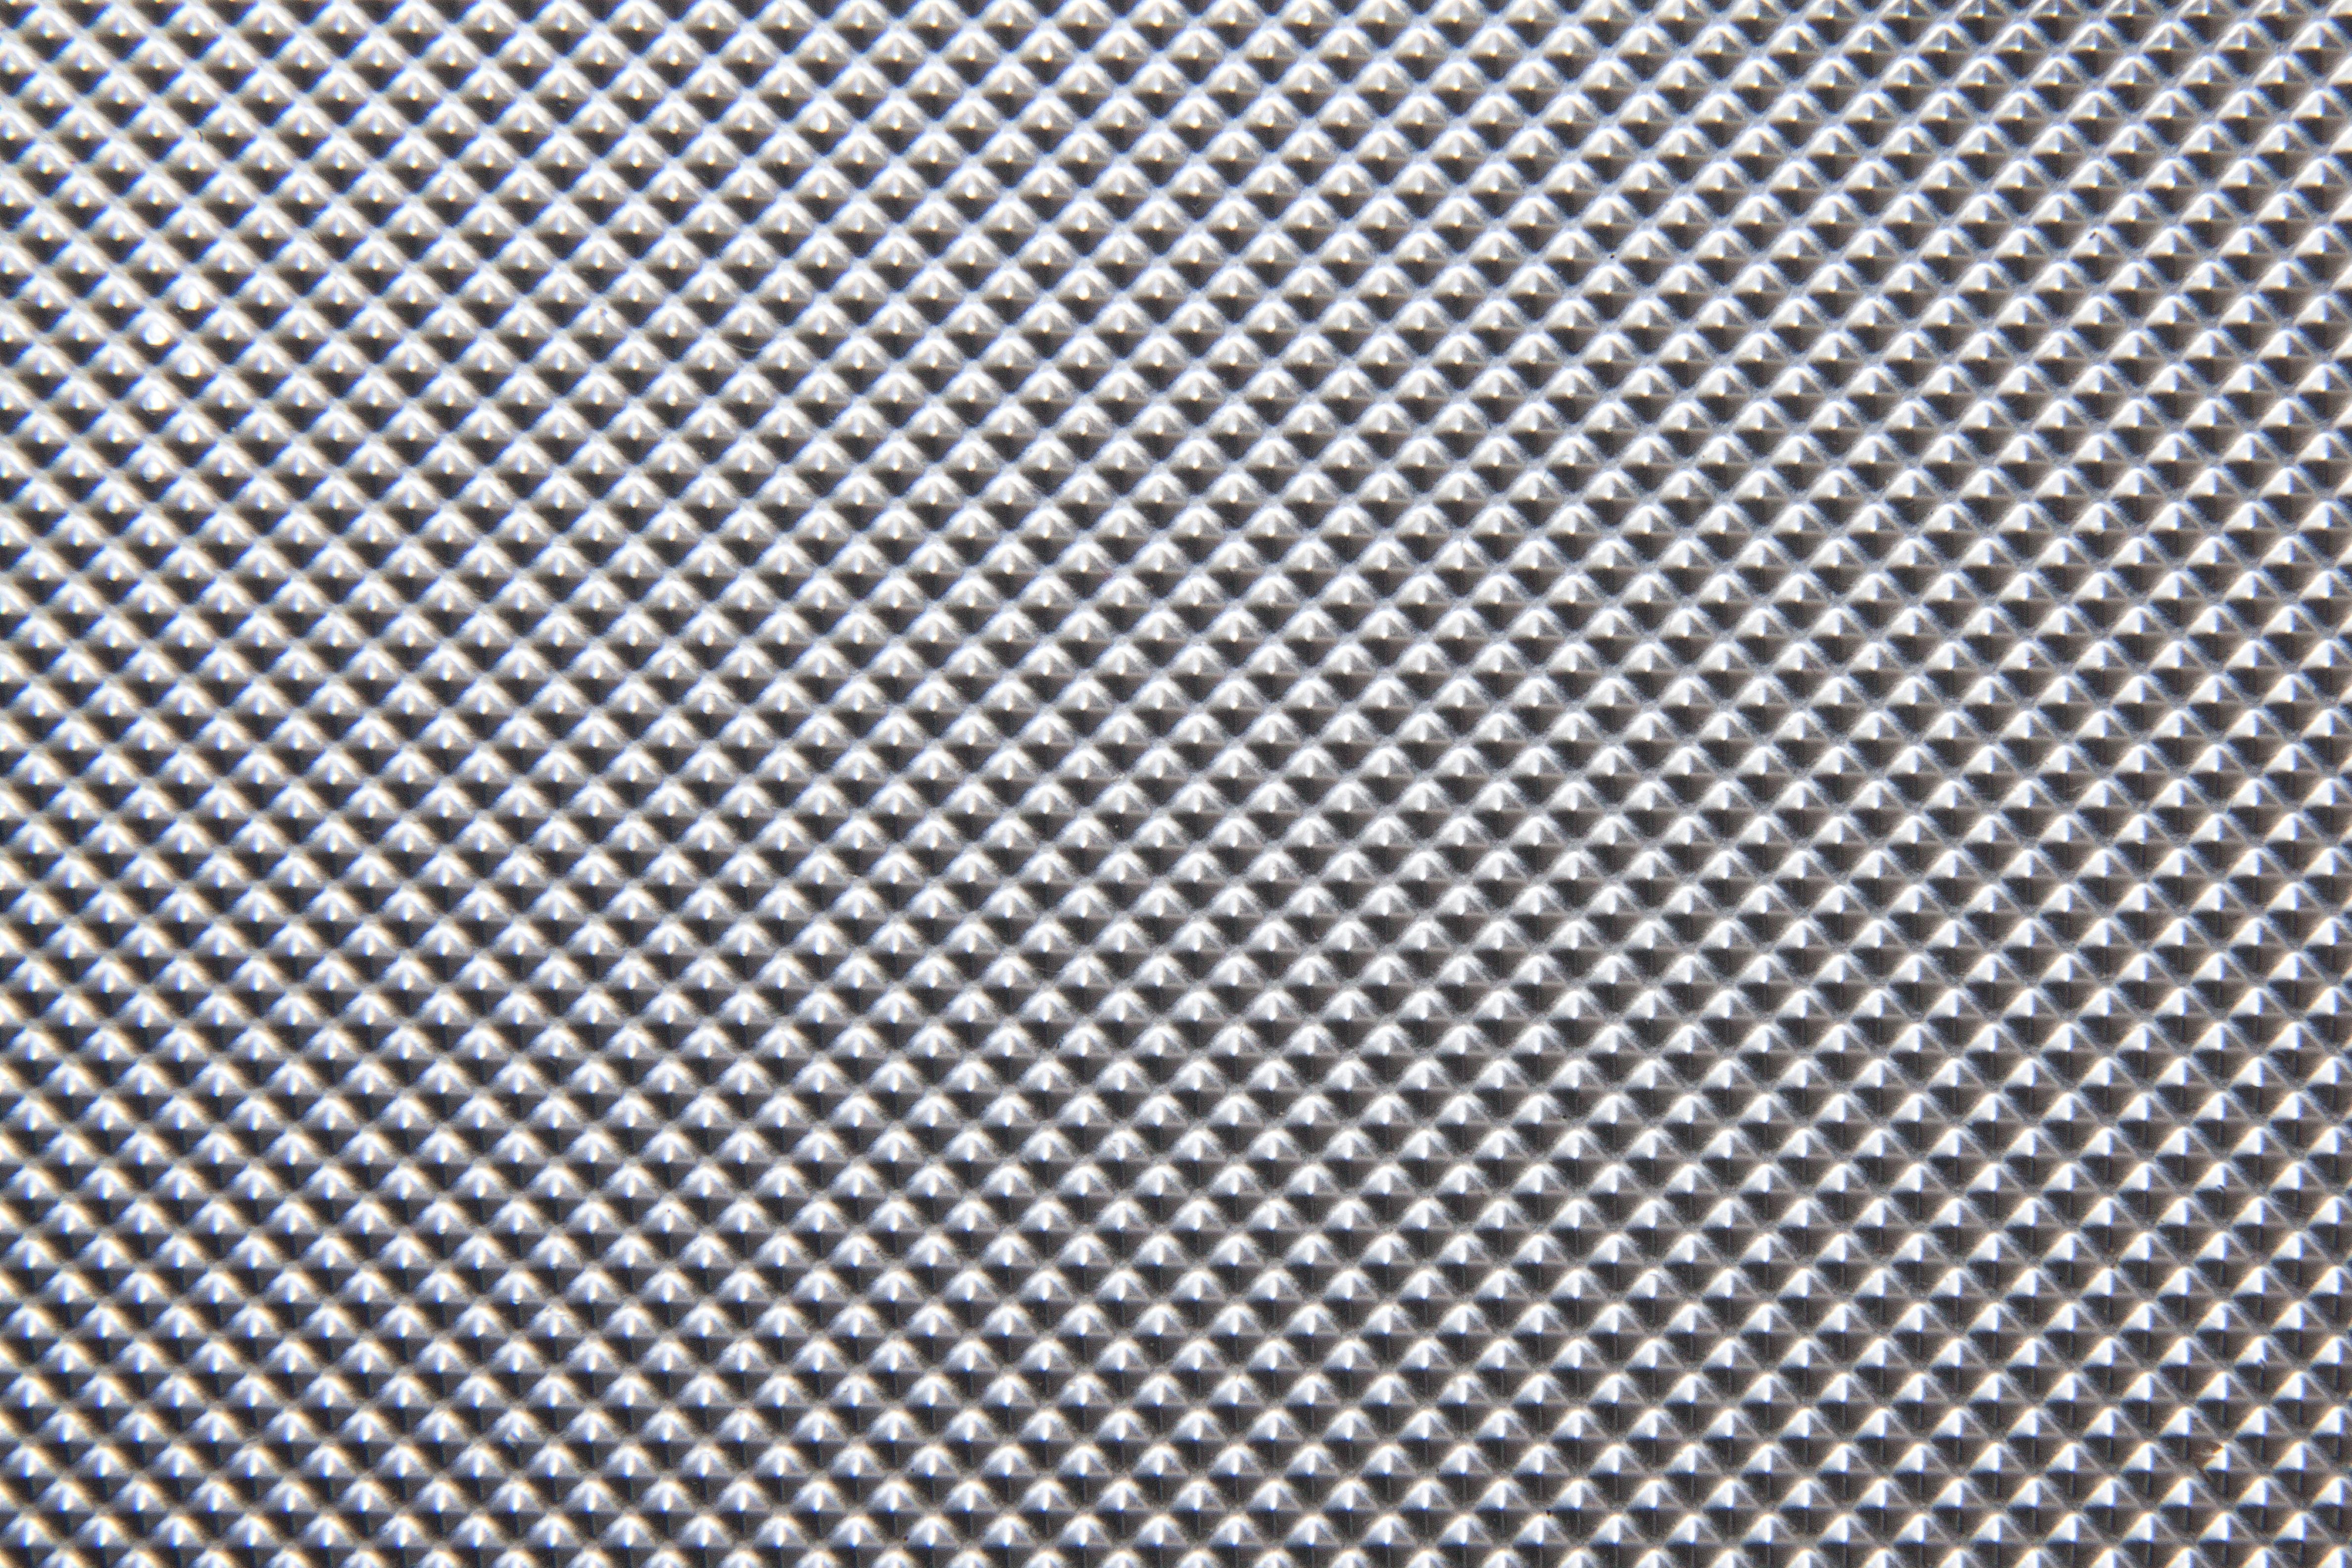 Fotos Gratis Estructura Textura Patr 243 N L 237 Nea